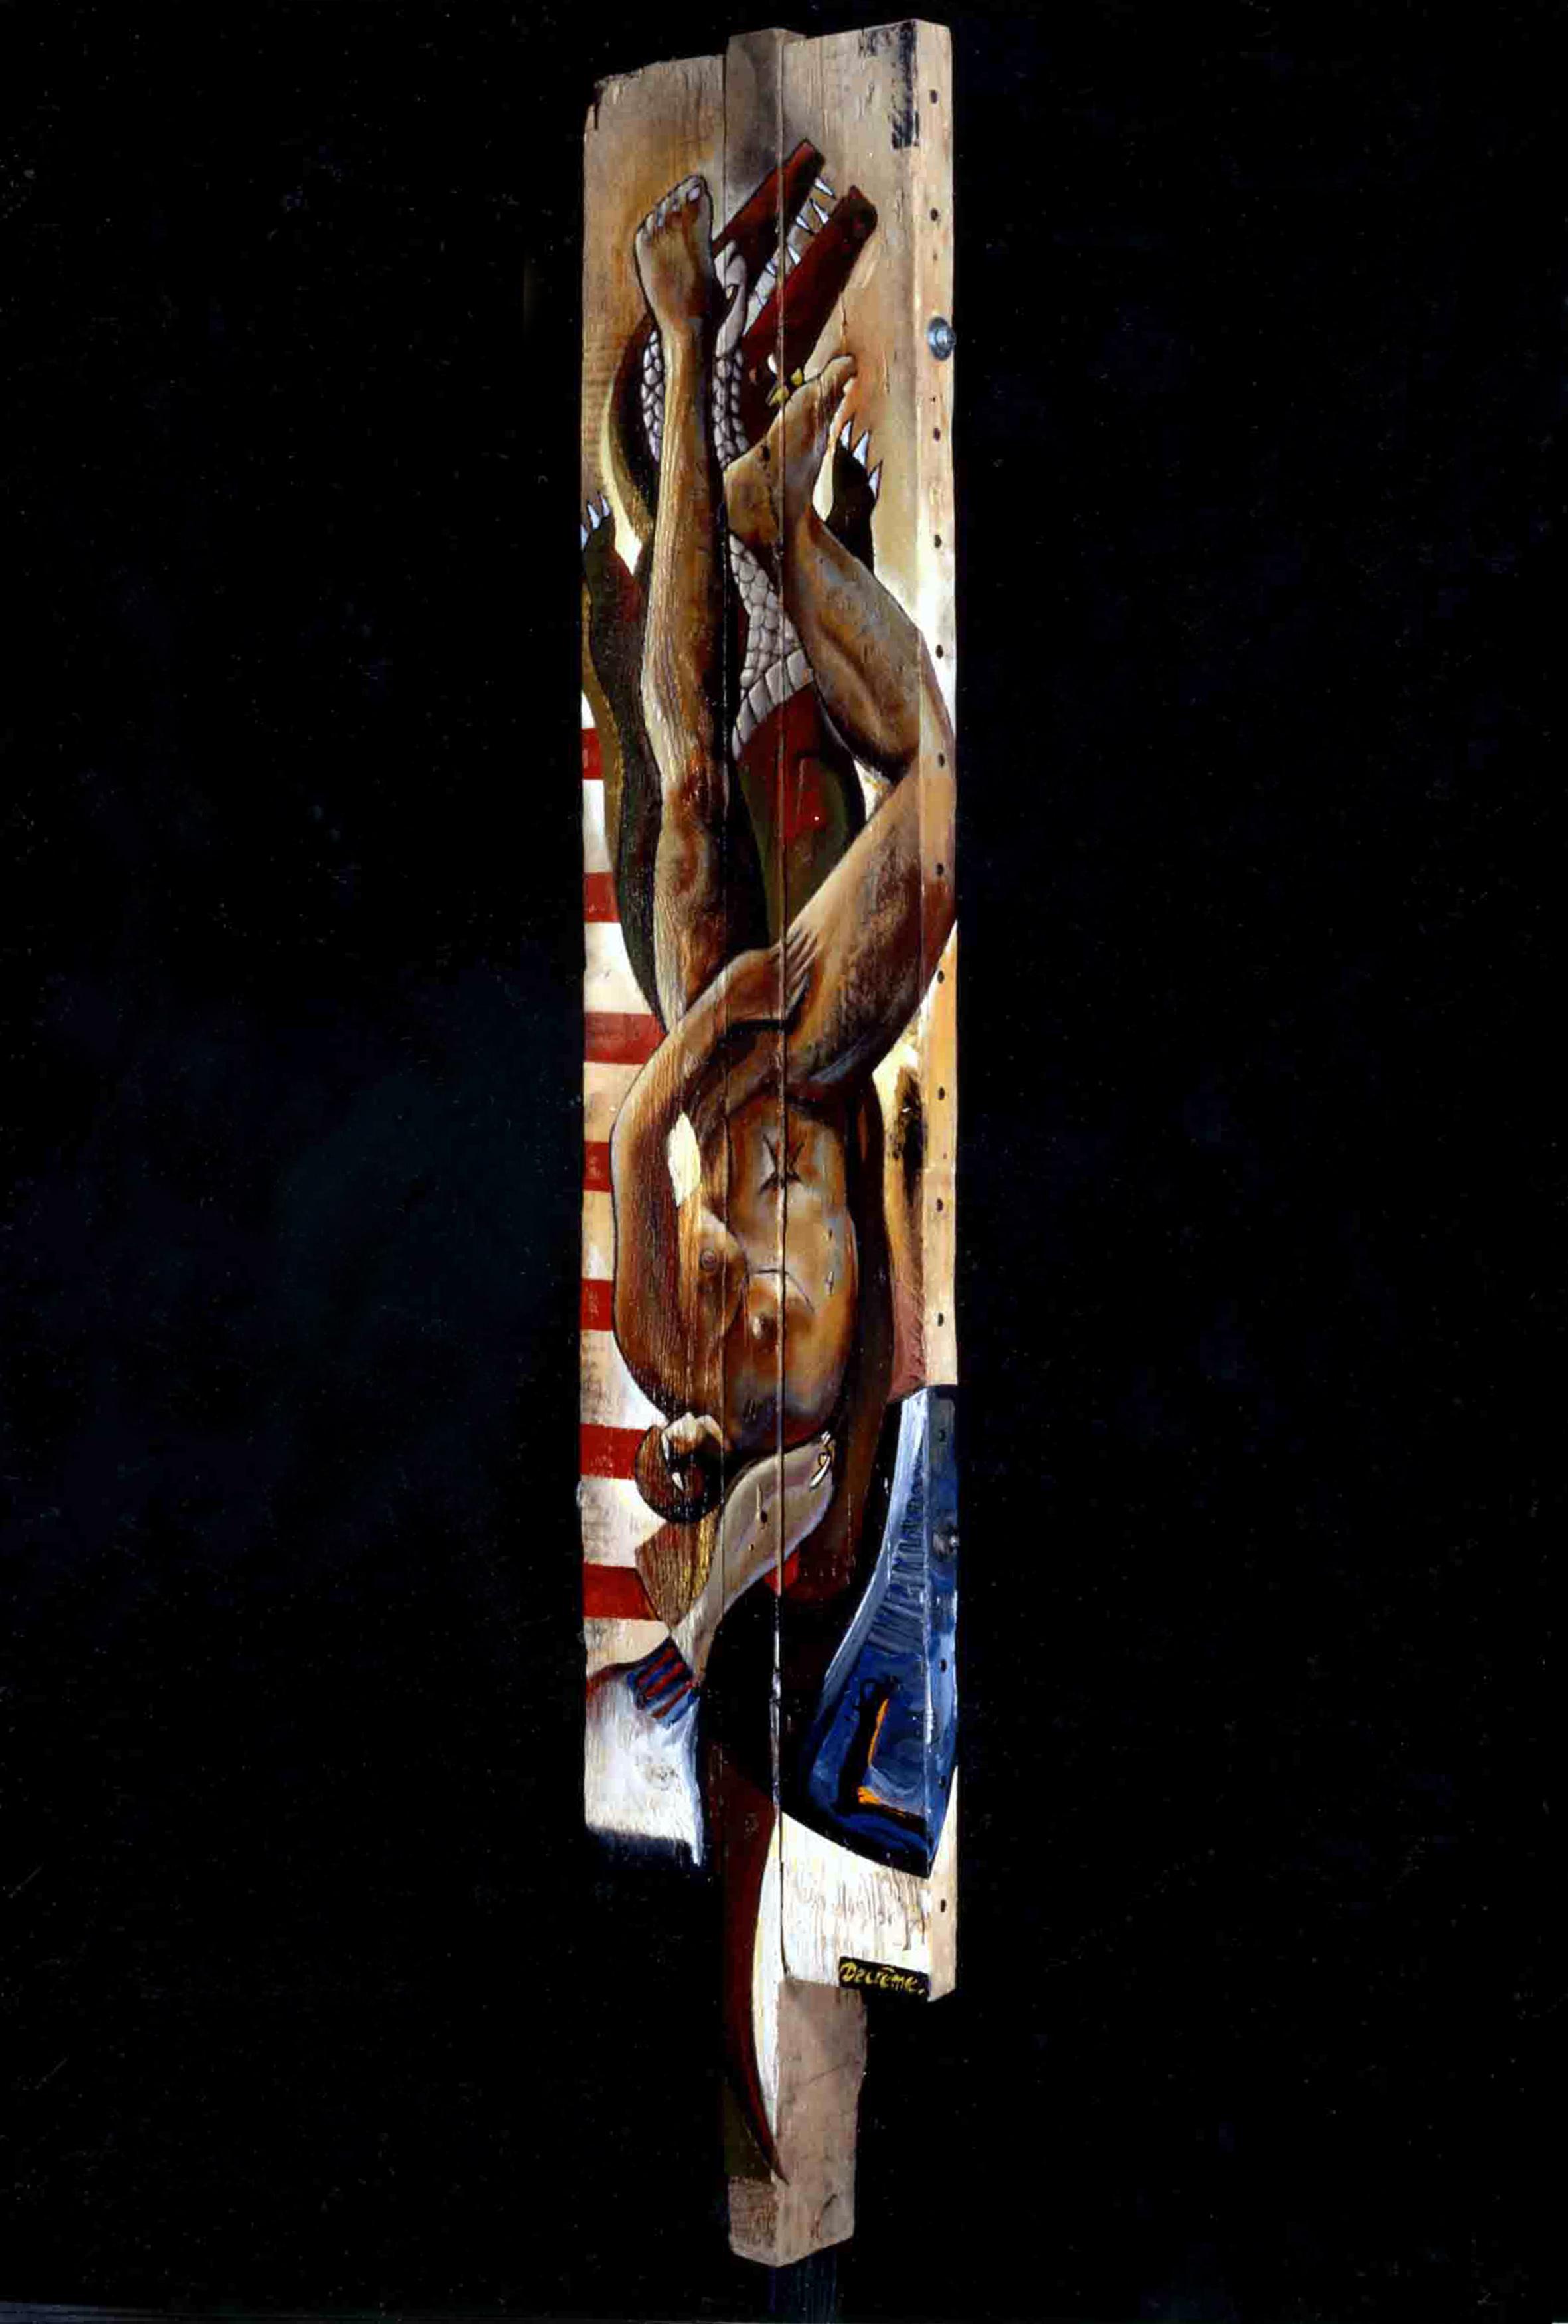 DECREME-Icare-peinture-et-clous-sur-bois-200x57x25cm-1994